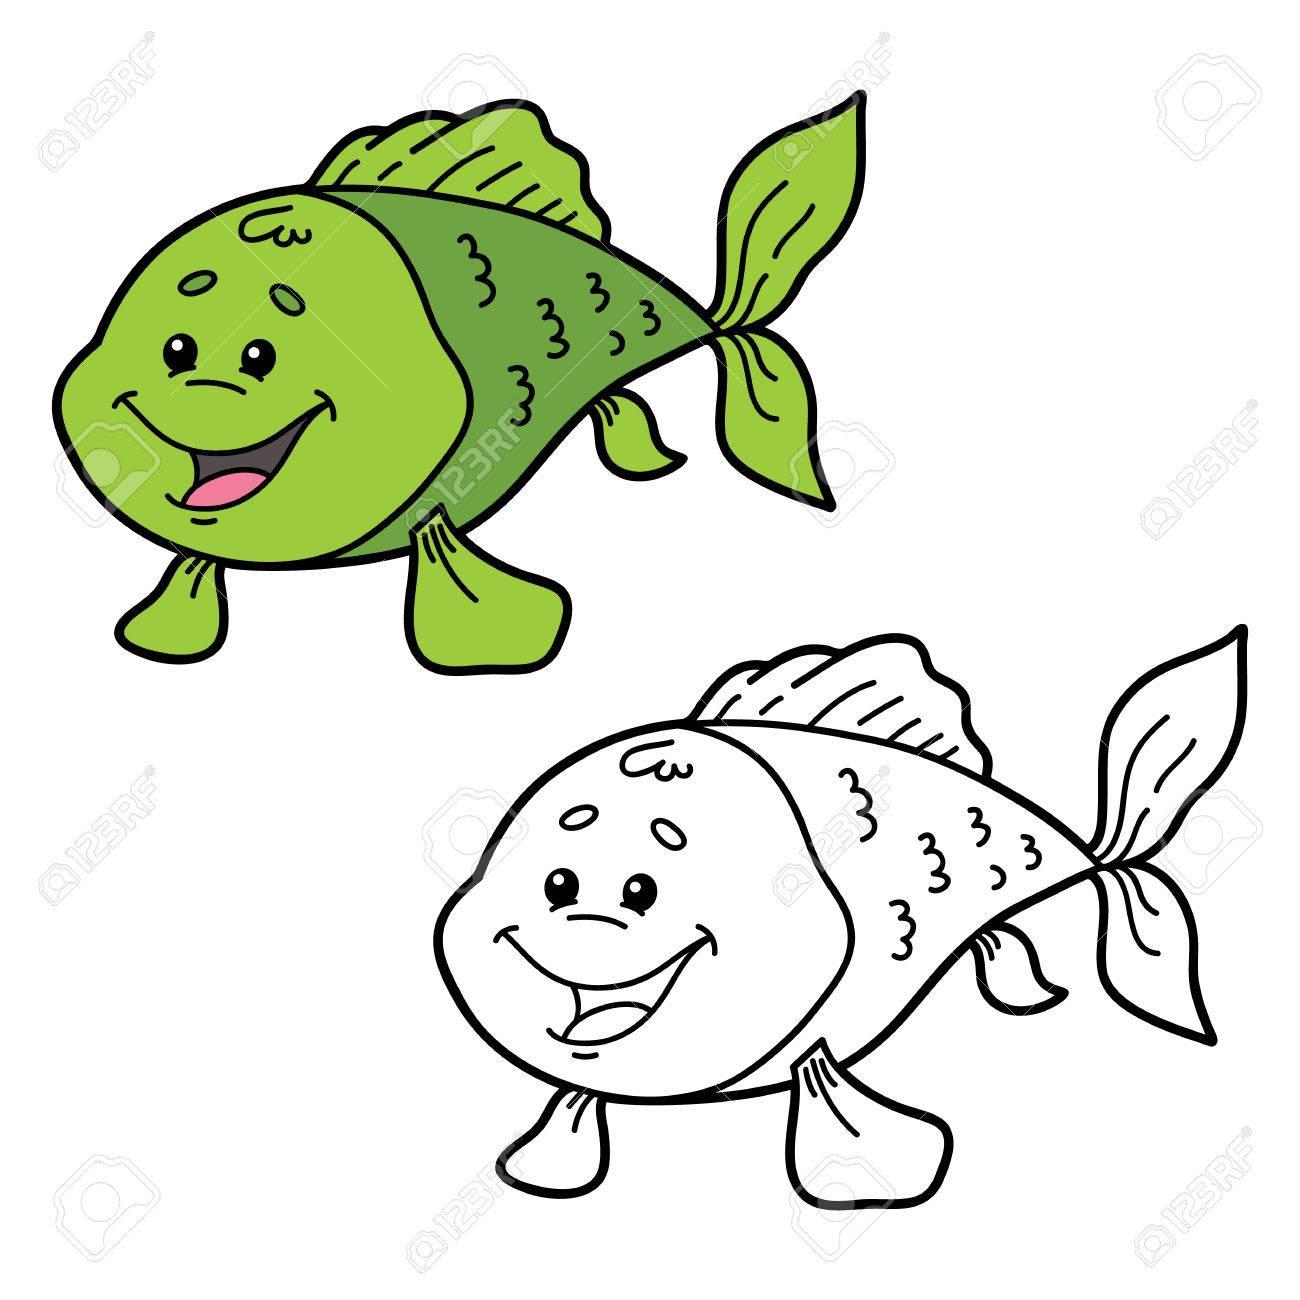 Lustige Fische Abbildung Malvorlagen Von Glücklichen Cartoon Fisch